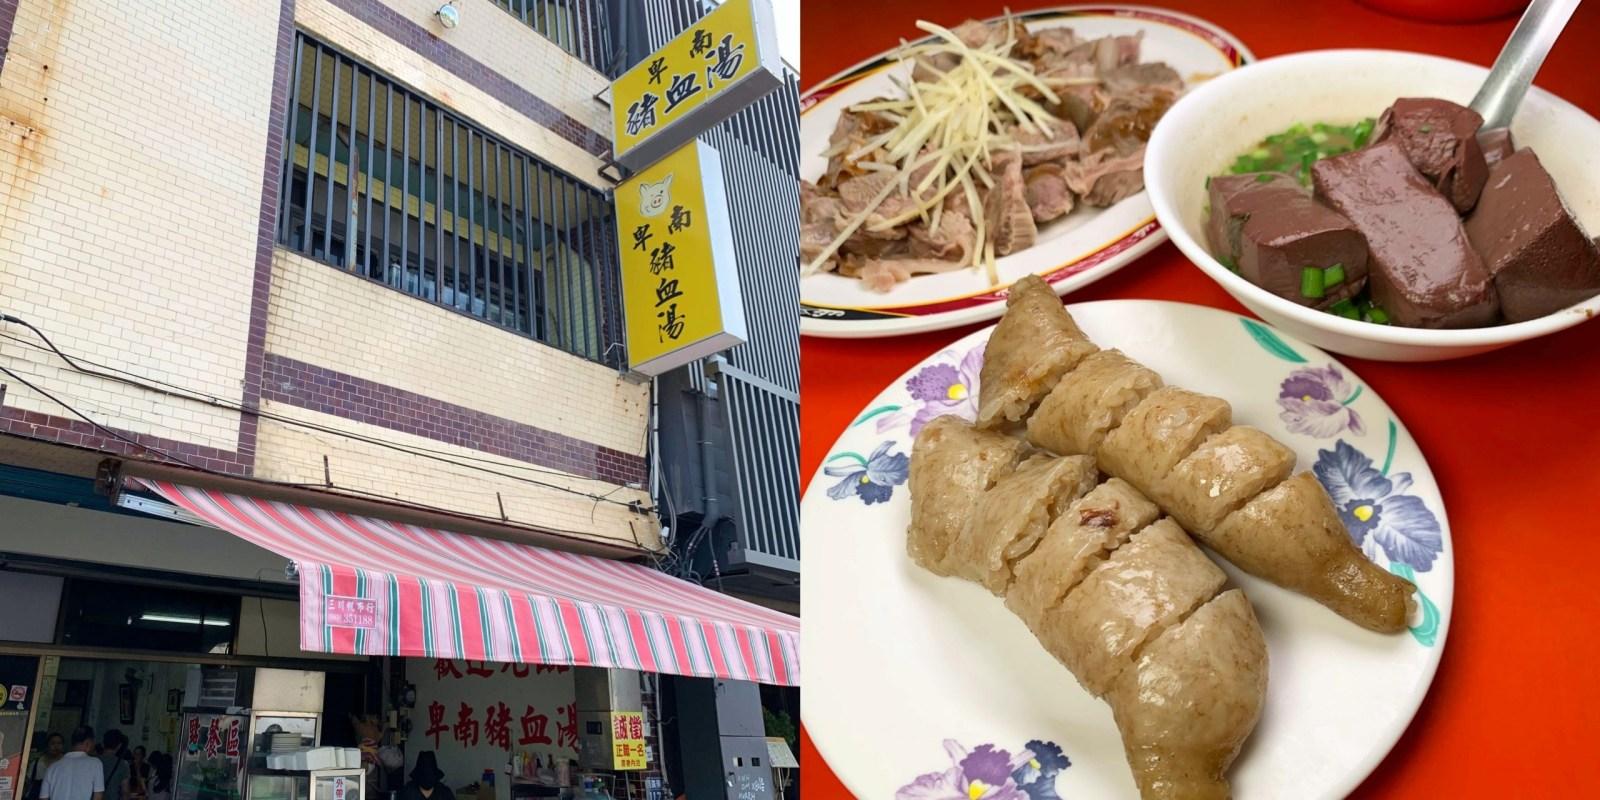 [台東美食] 卑南豬血湯台東店 - 巨無霸豬血還有各式小吃的台東必吃美食